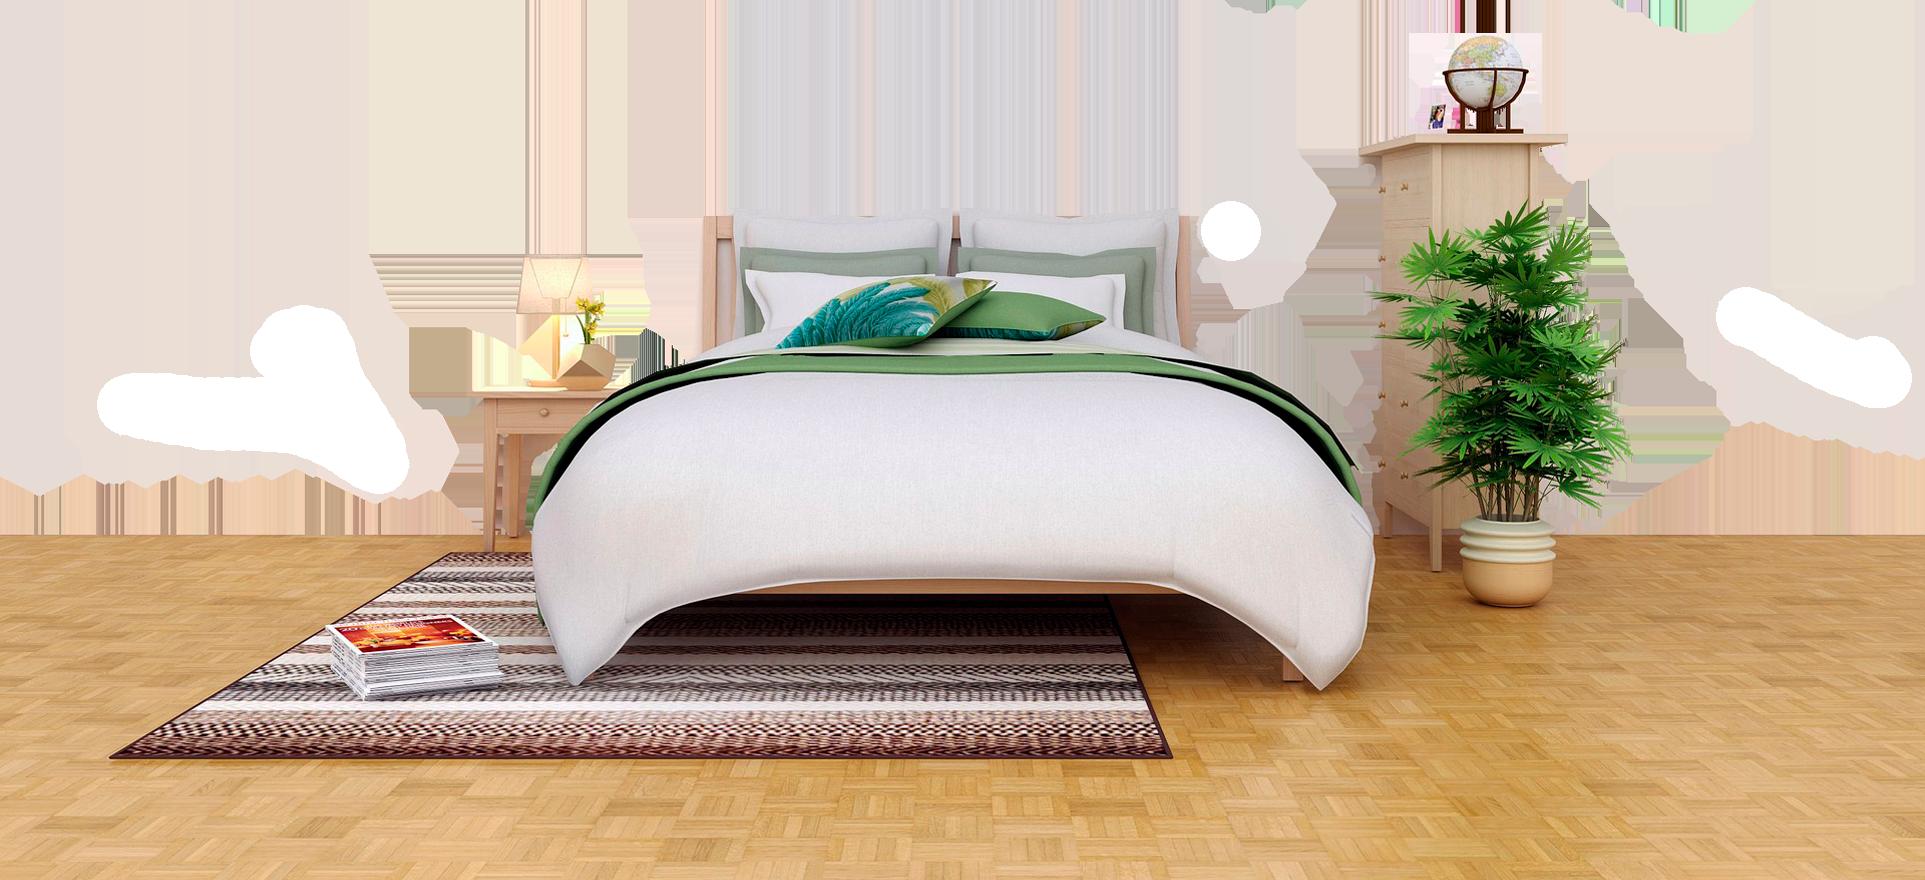 Idealiterie Bien dormir